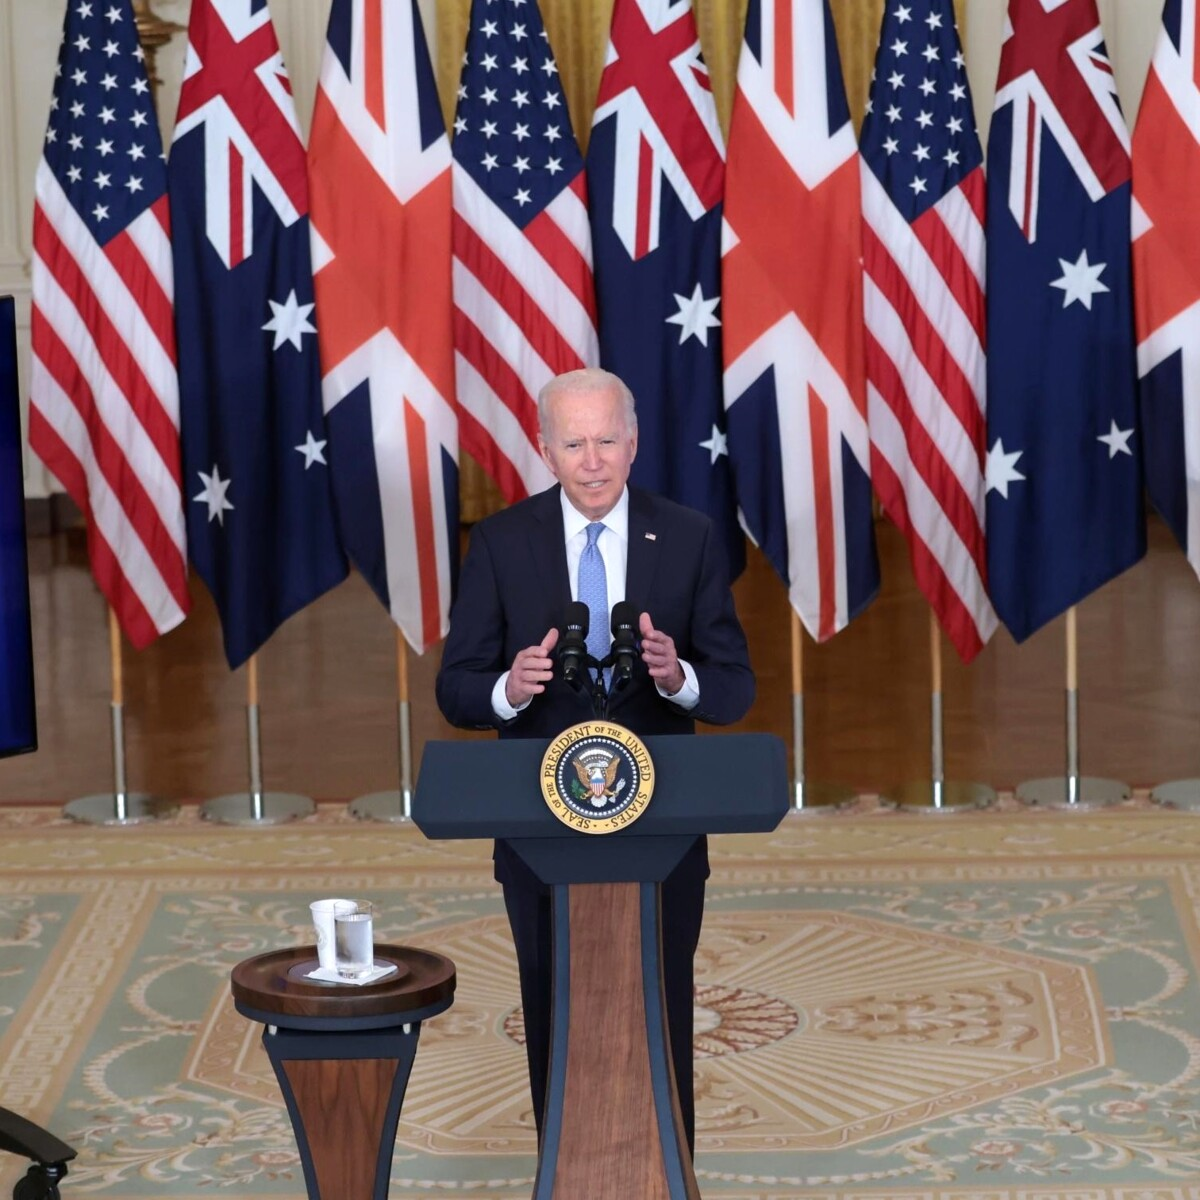 Patto tra Usa, Australia e Regno Unito 'contro' l'esercito Ue (e Parigi perde appalto da 56 miliardi)